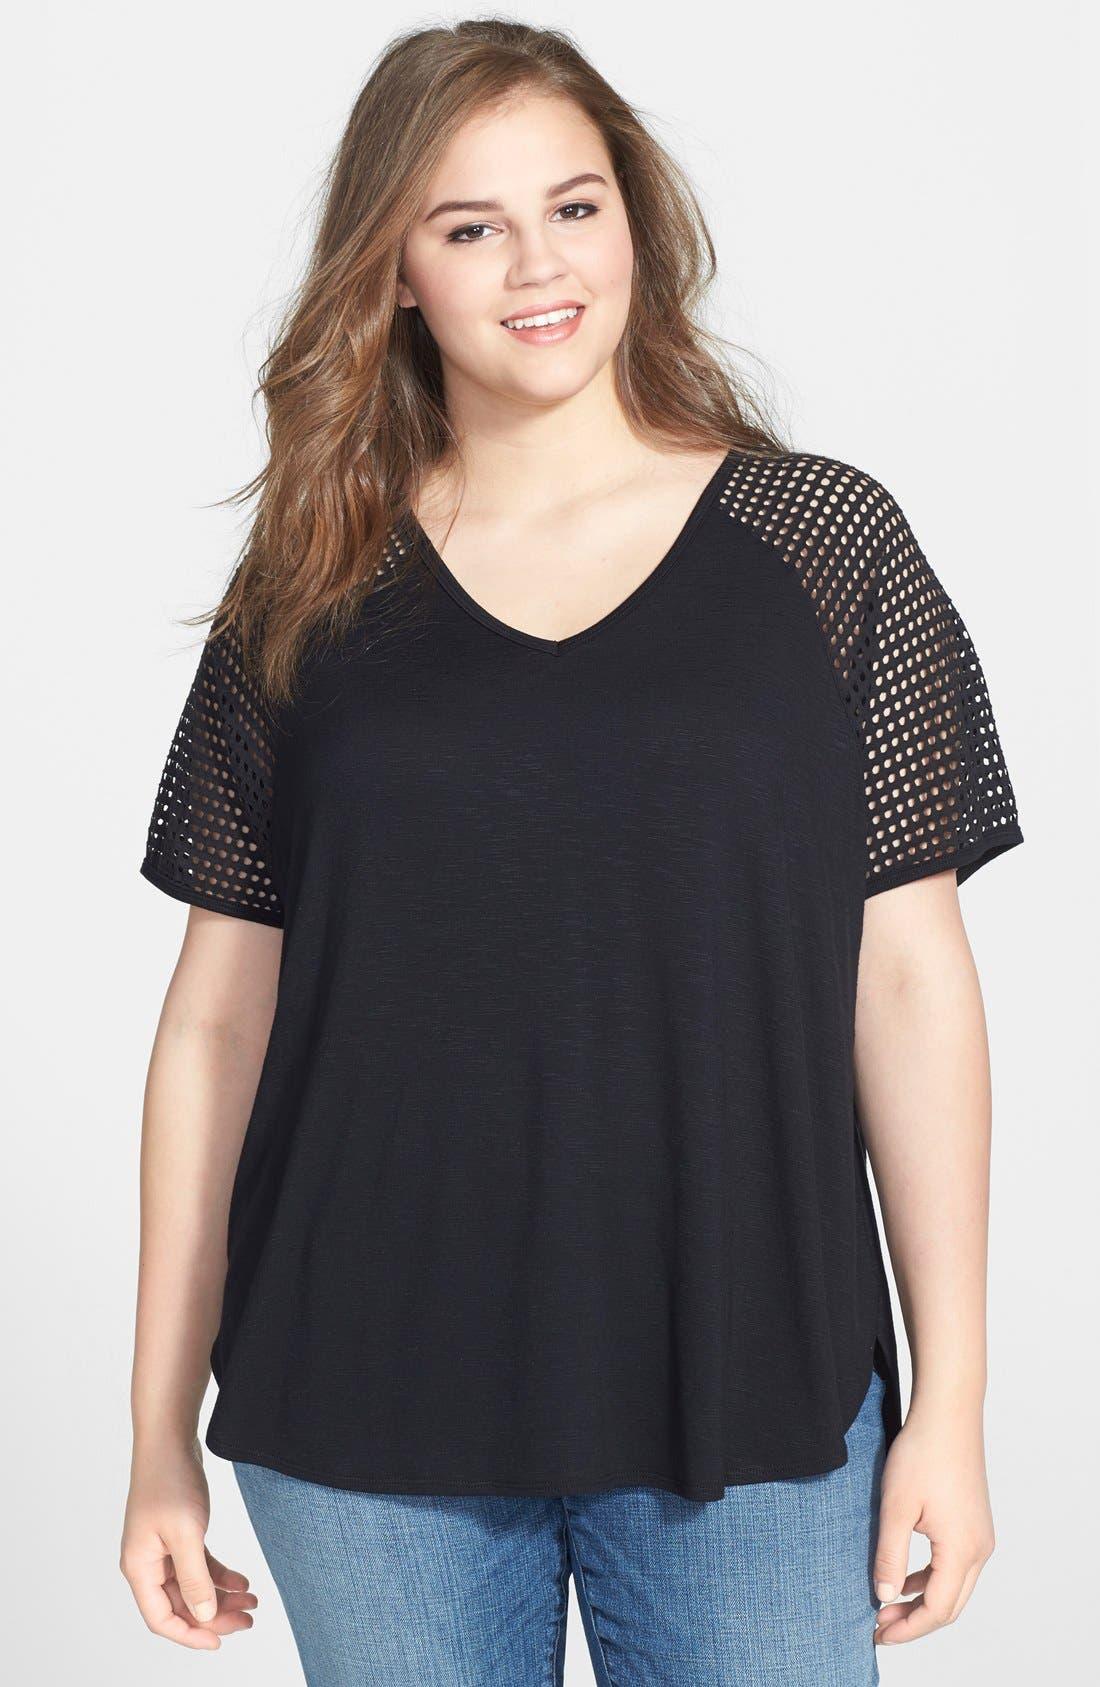 Alternate Image 1 Selected - Sejour 'Reese' Perforated Sleeve Slub Knit Tee (Plus Size)